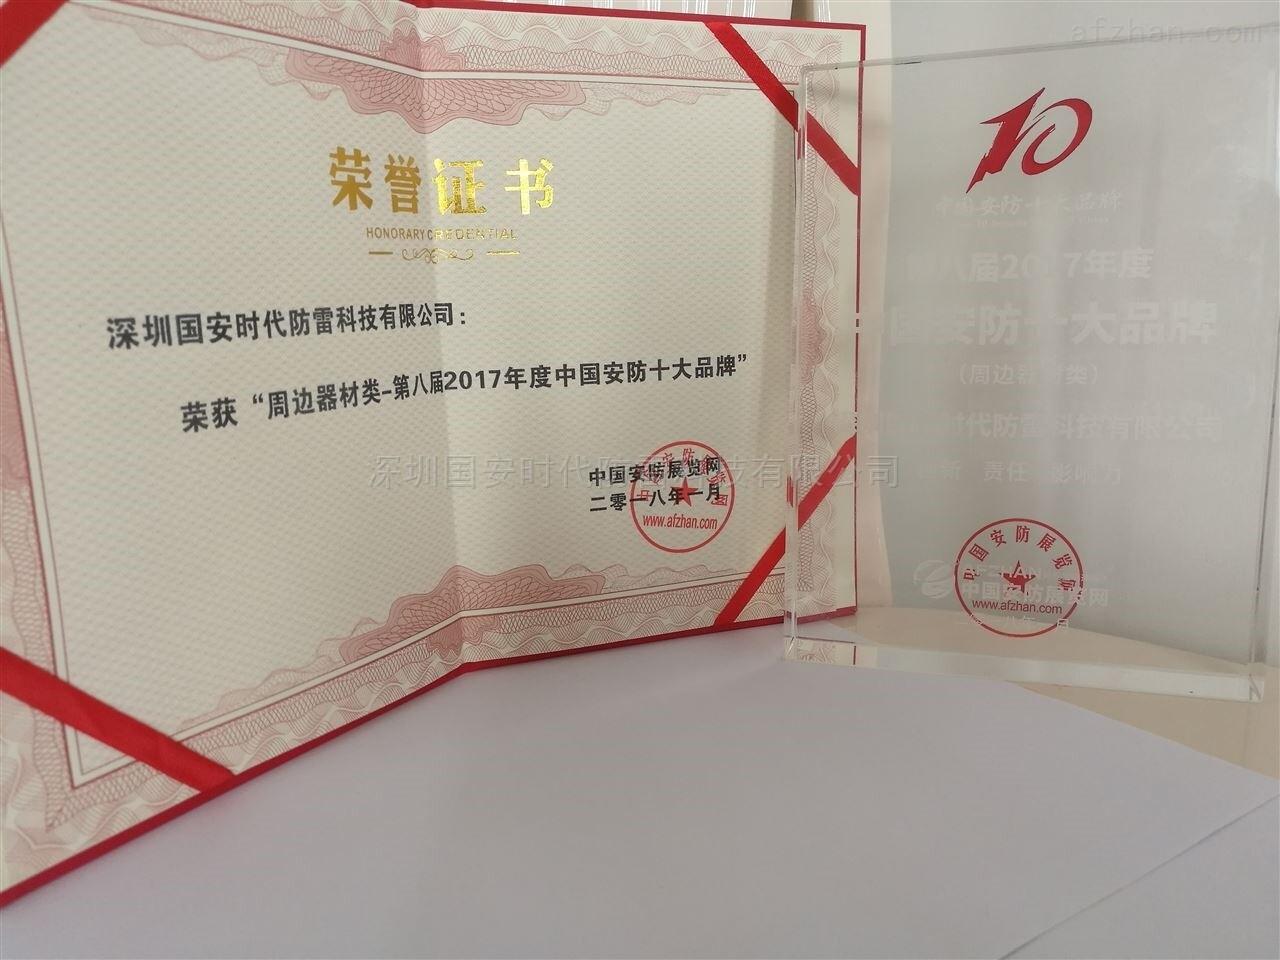 第八届2017年度中国安防